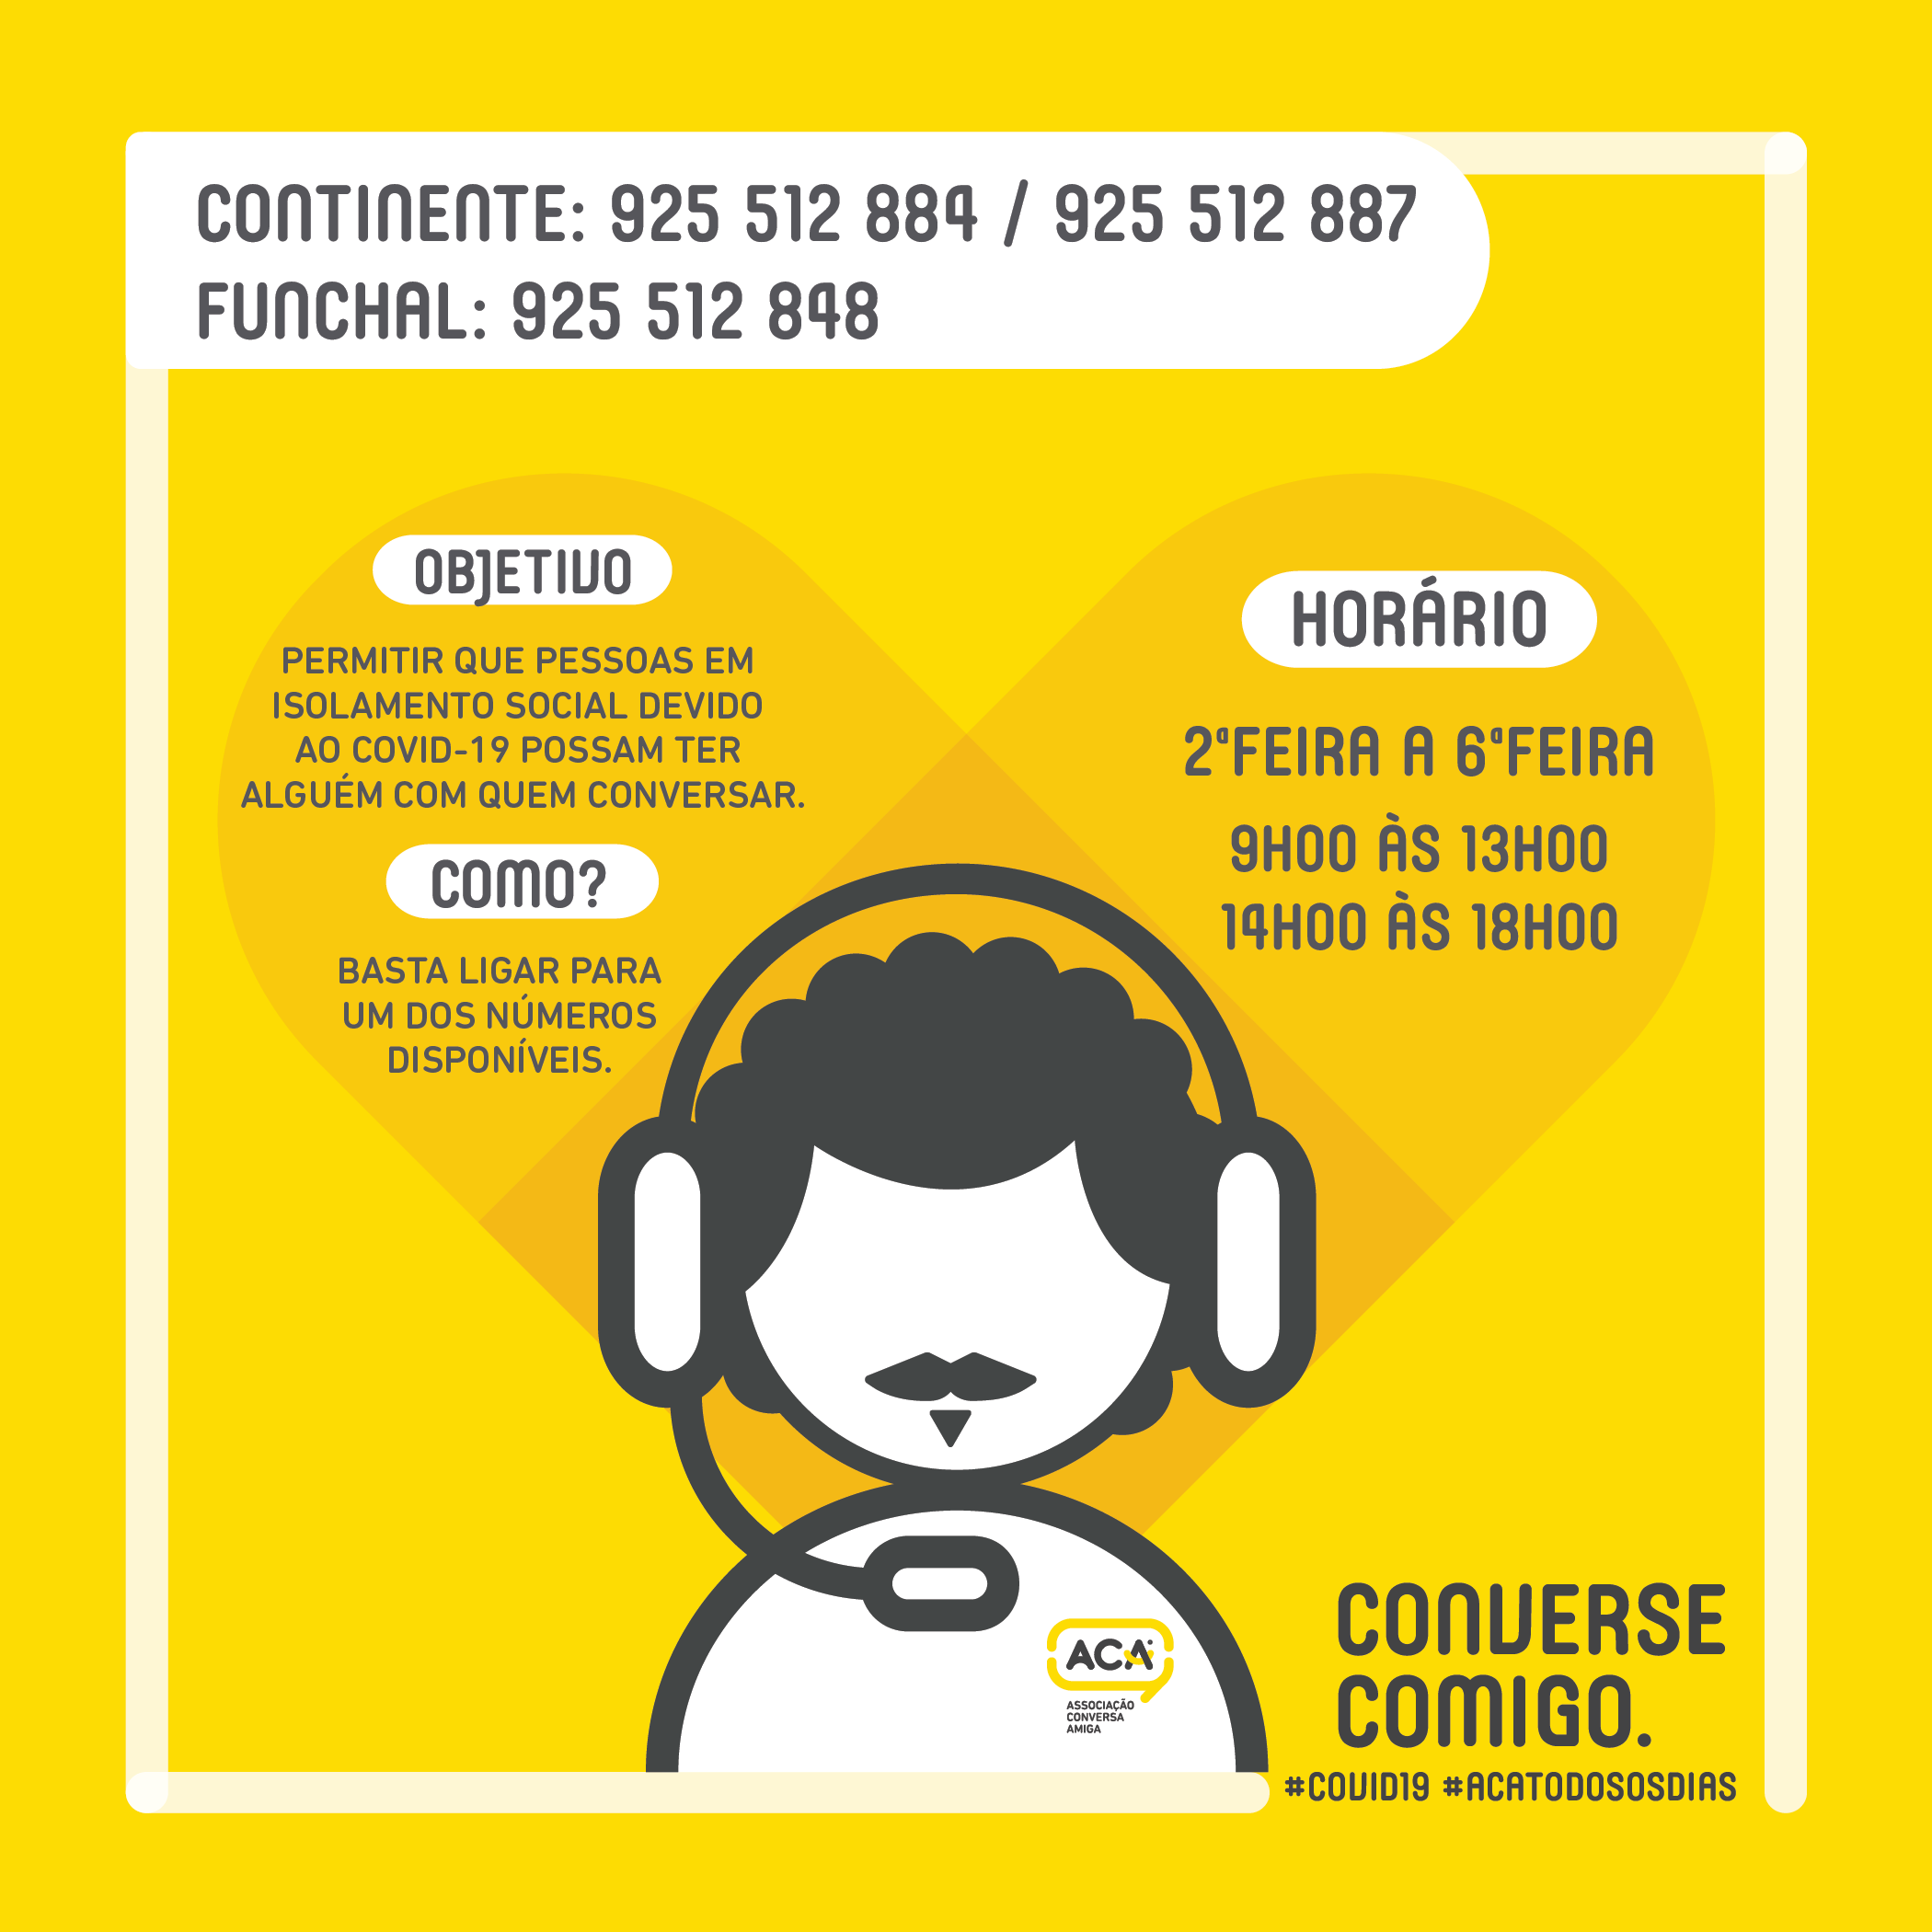 CONVERSE COMIGO.